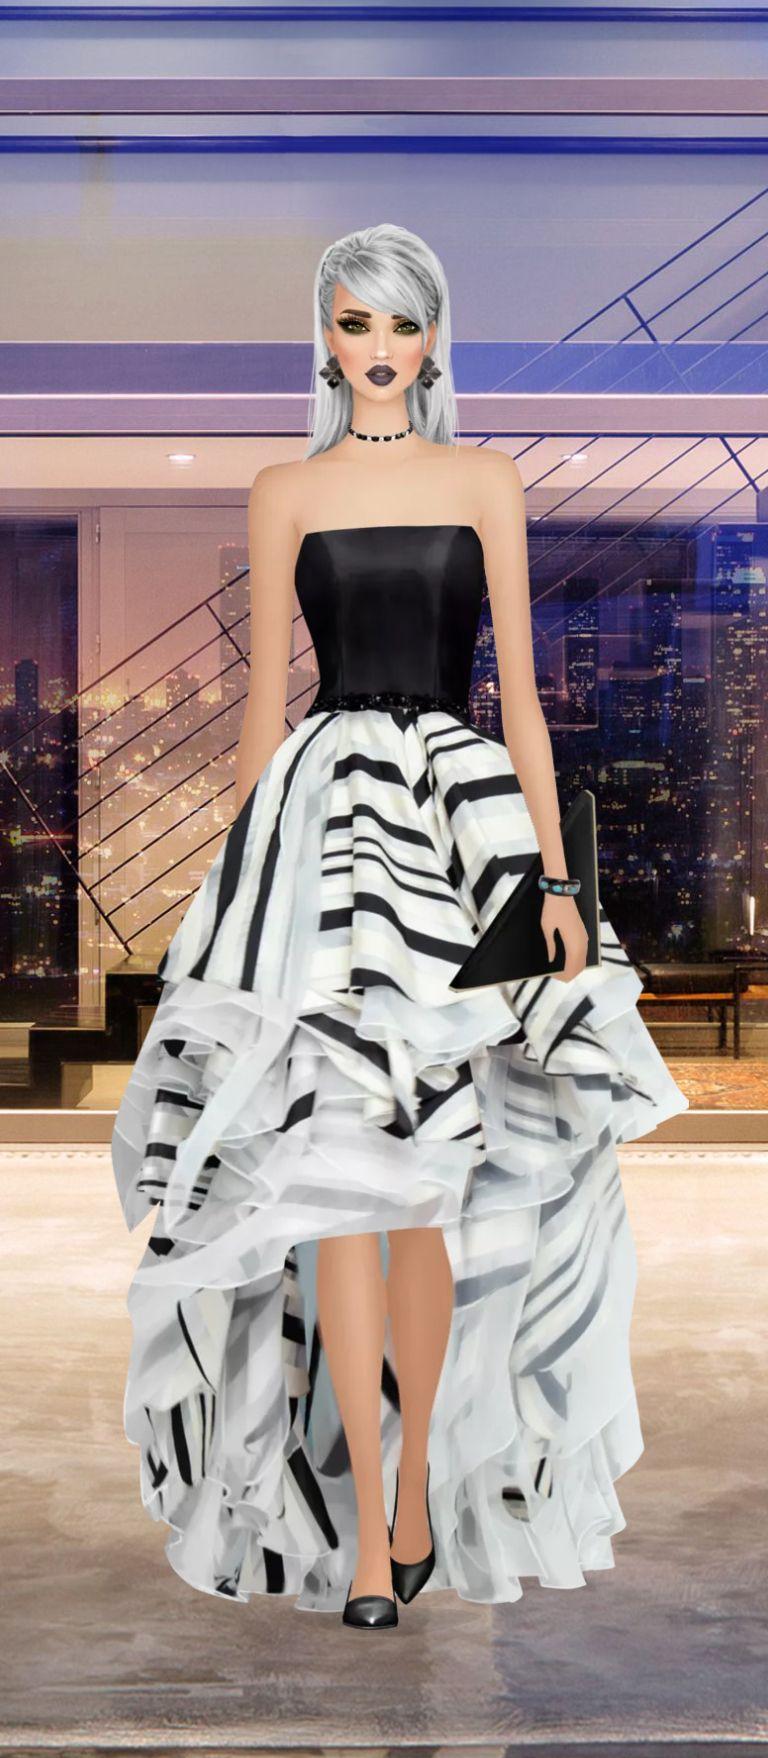 Pin De Kirsty Sullivan Em Covet Fashion Desenhos De Moda Modelos Moda